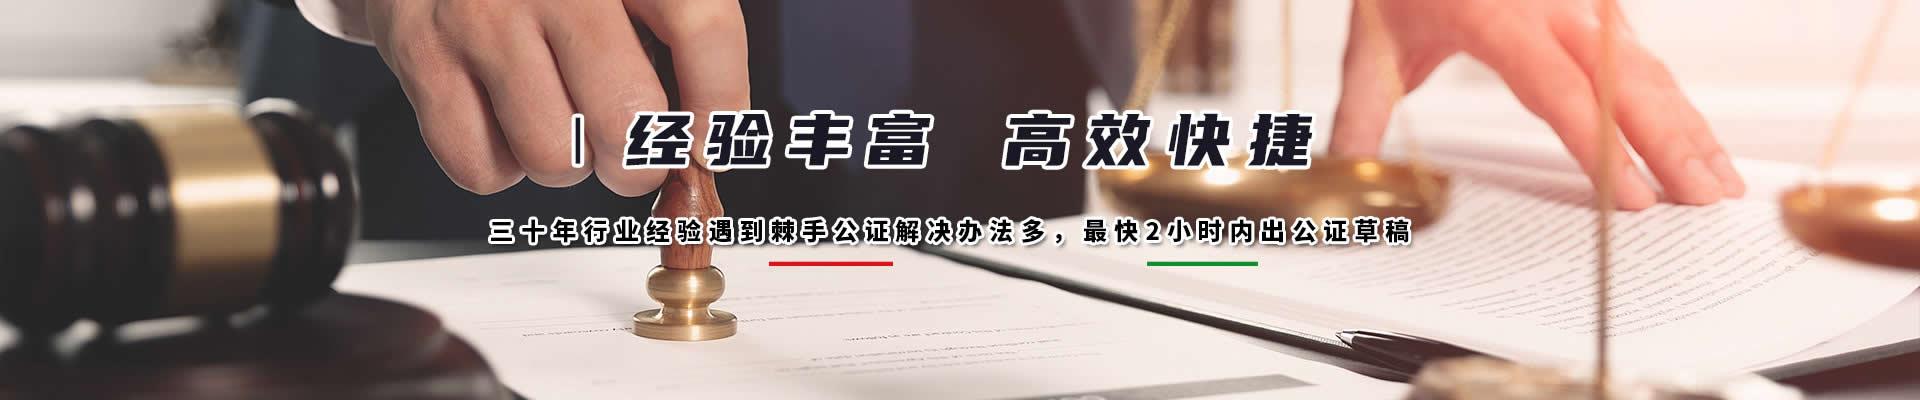 香港律师公证网经验丰富,最快2小时内出公证草稿